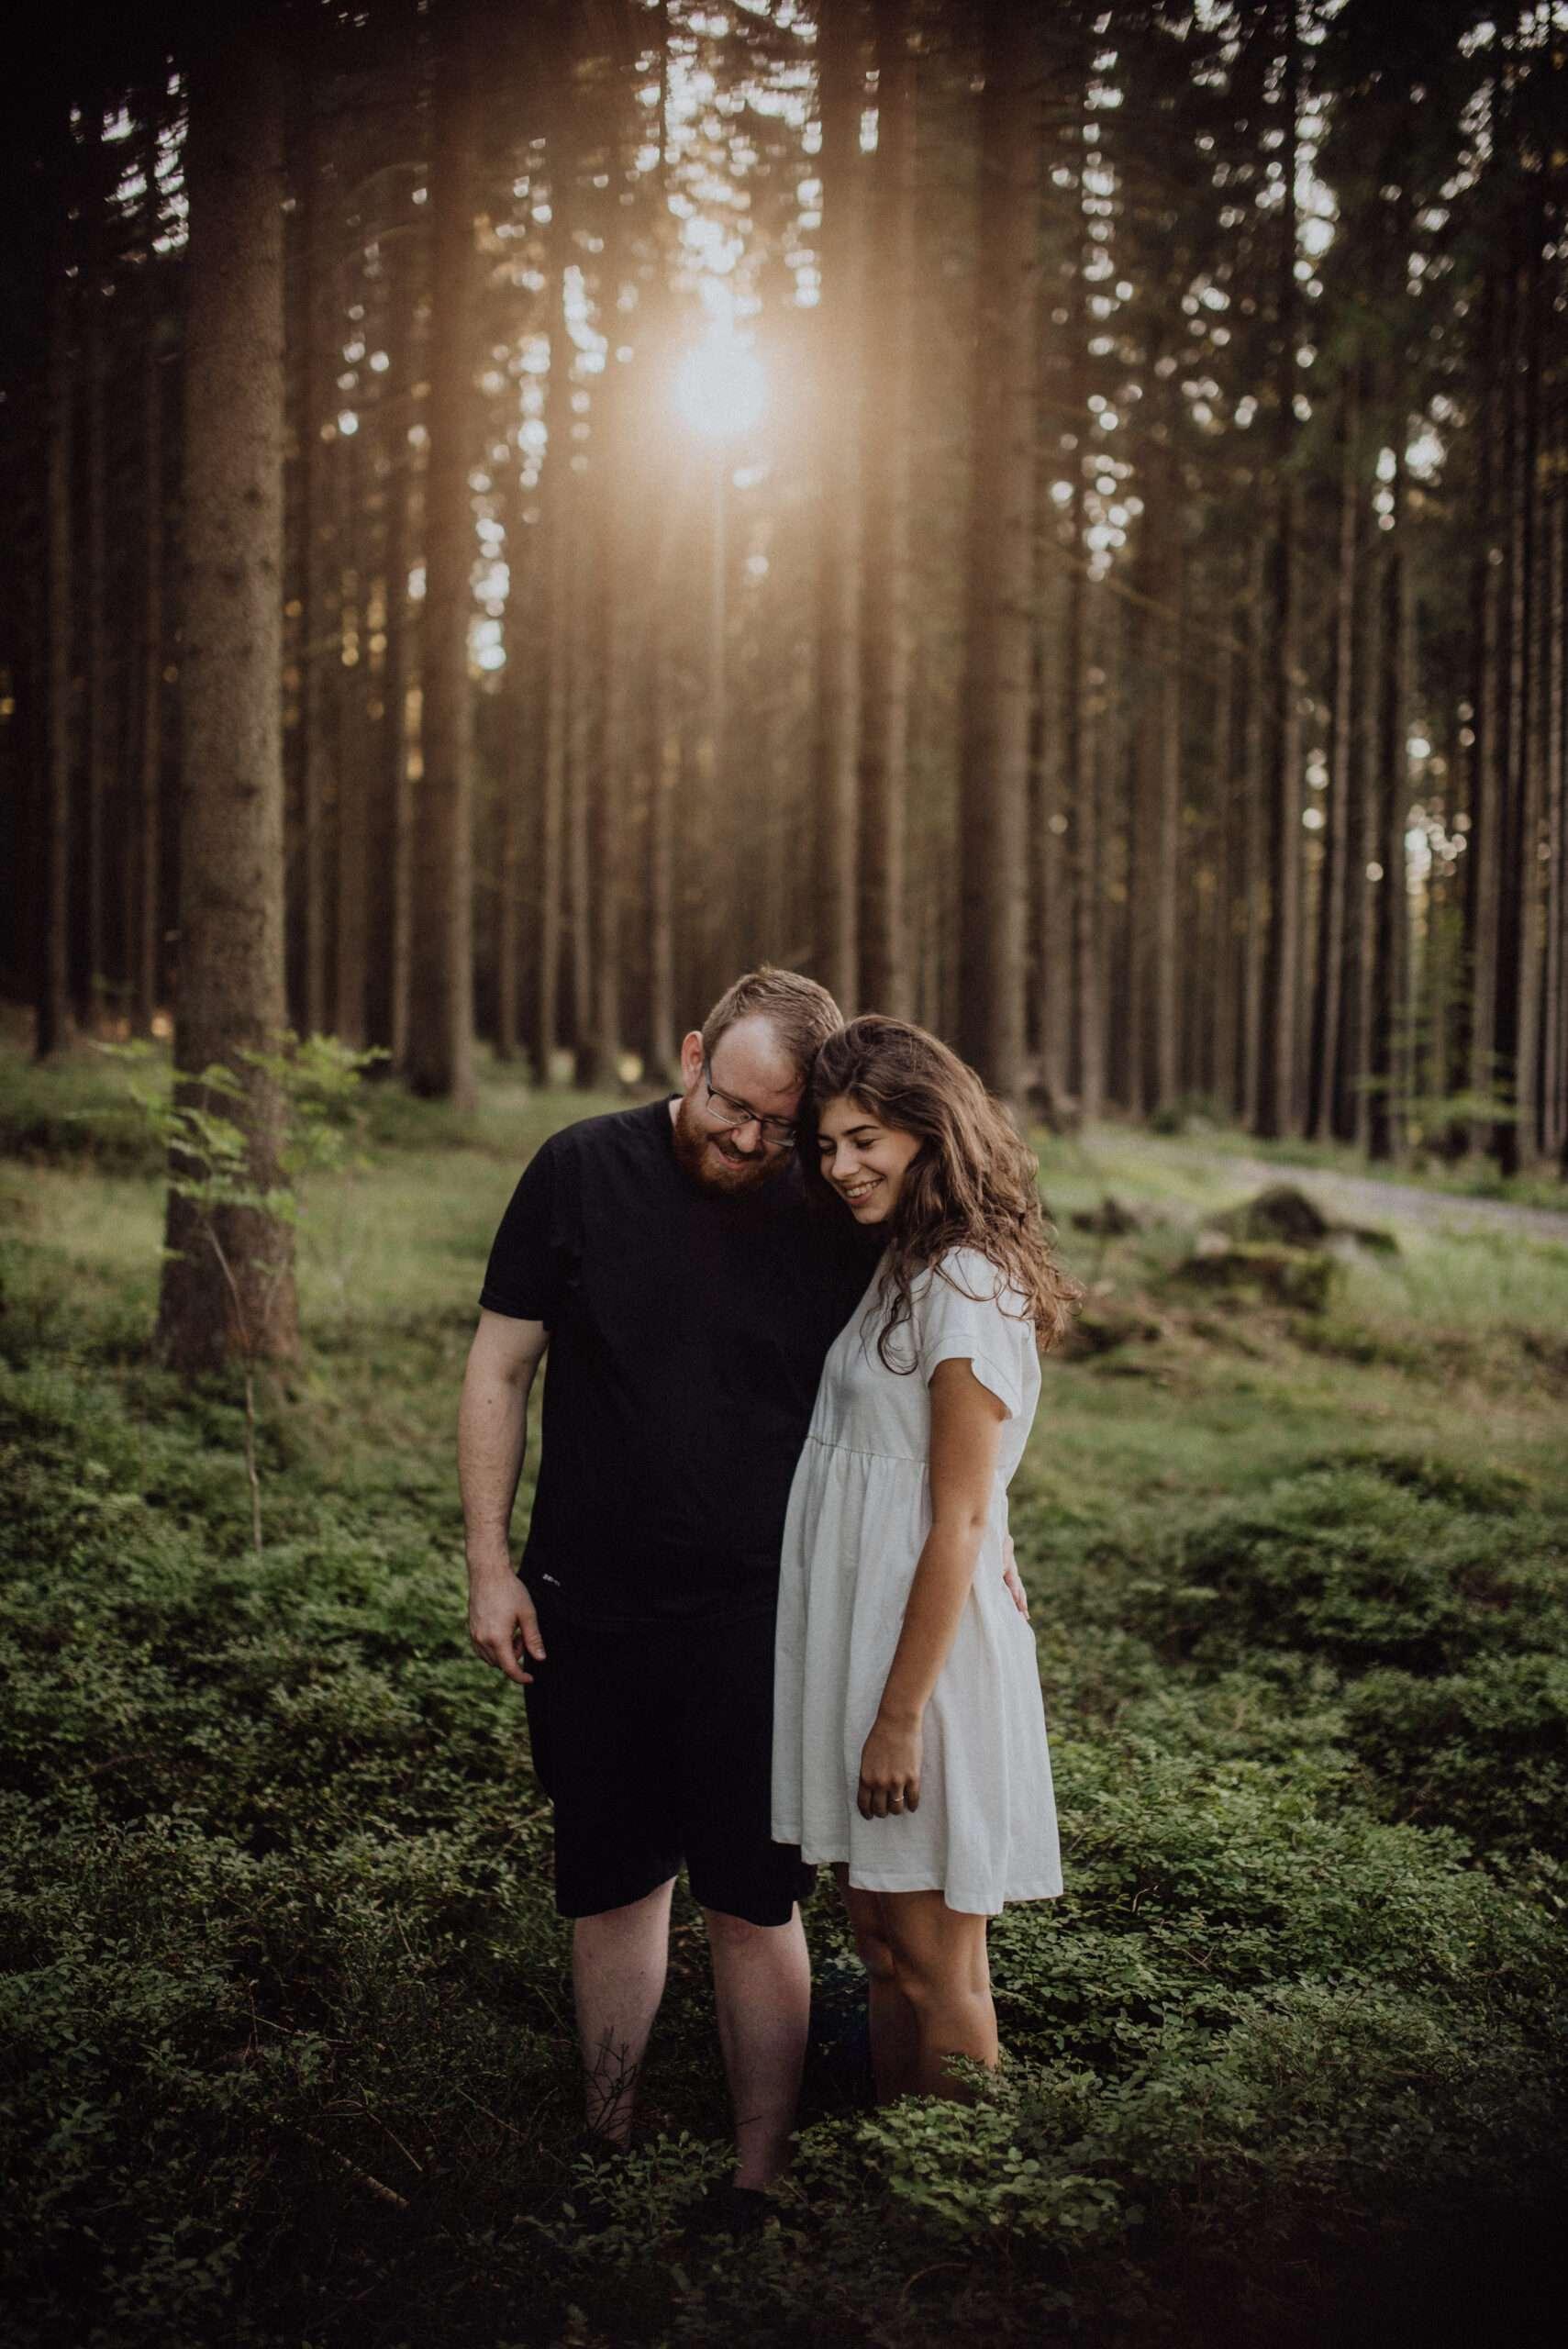 Předsvatební focení v lese západ slunce, Vysočina